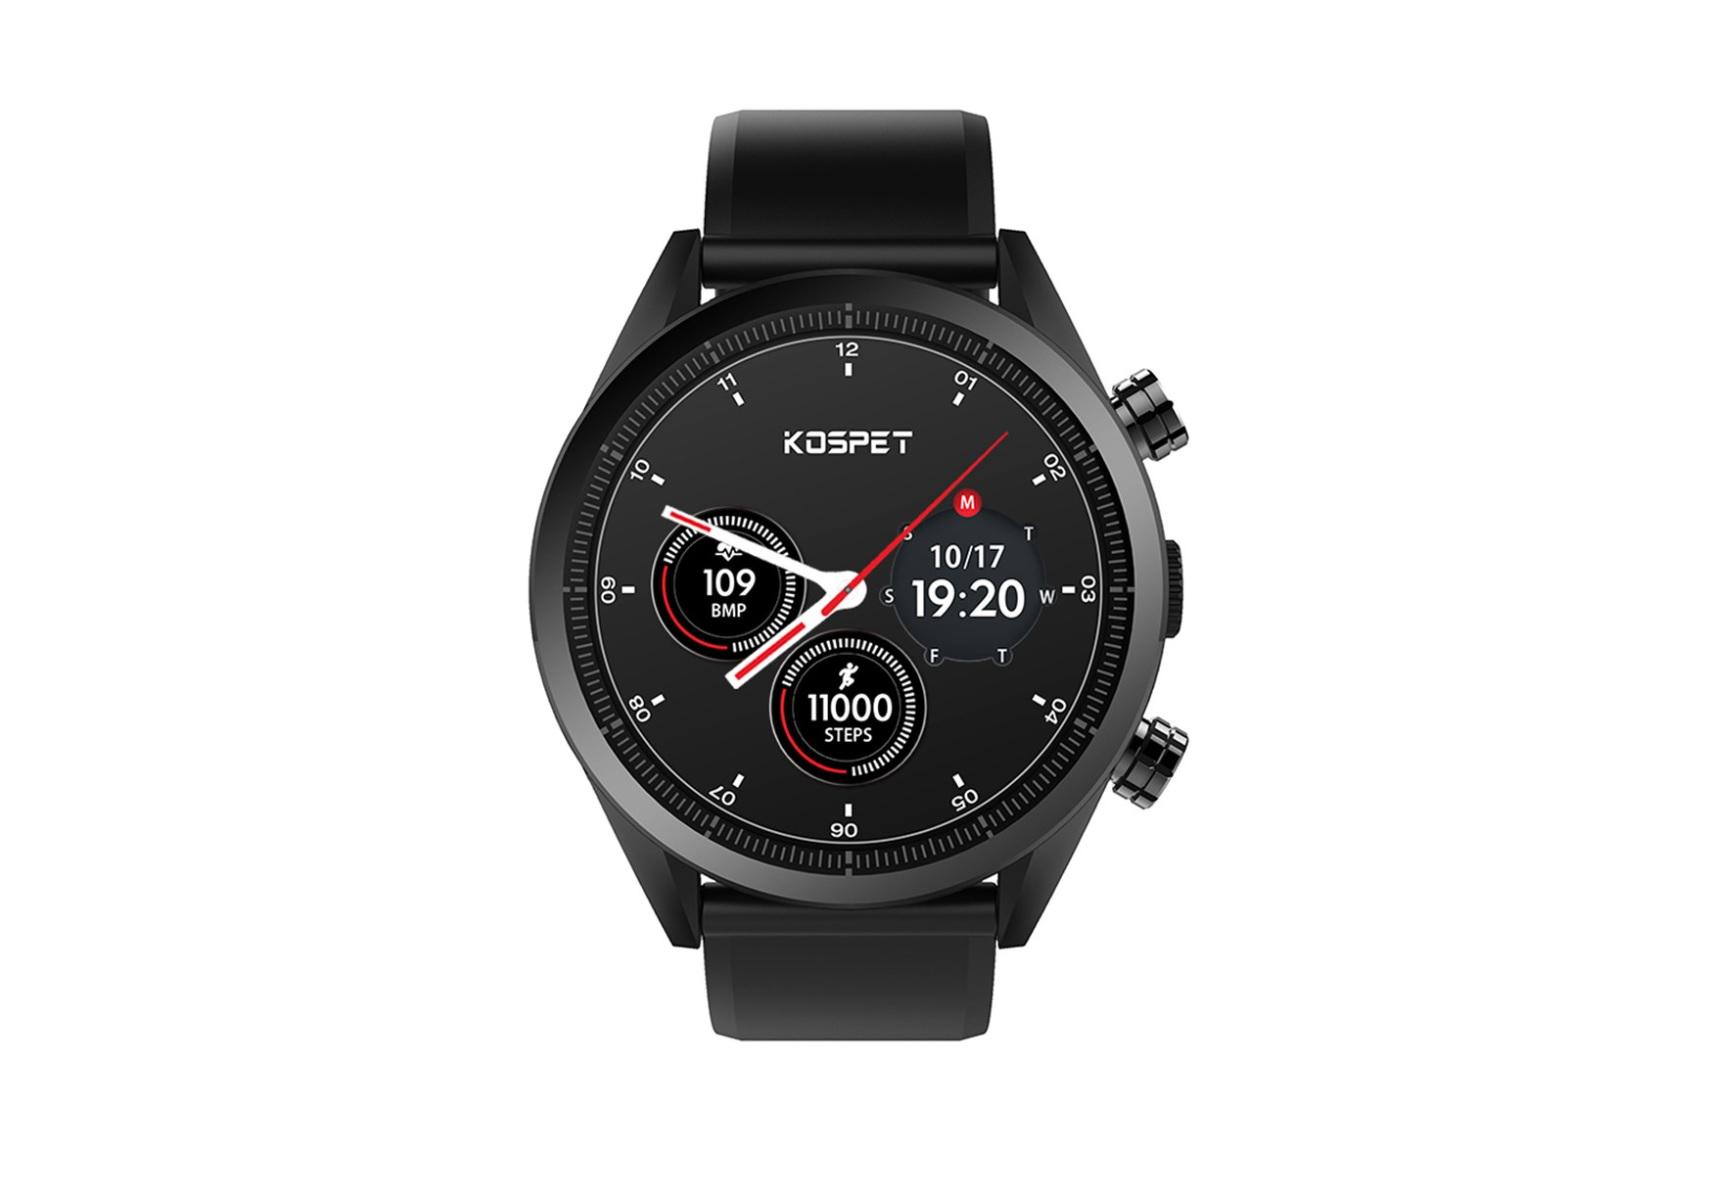 Smarwatch od Kospet